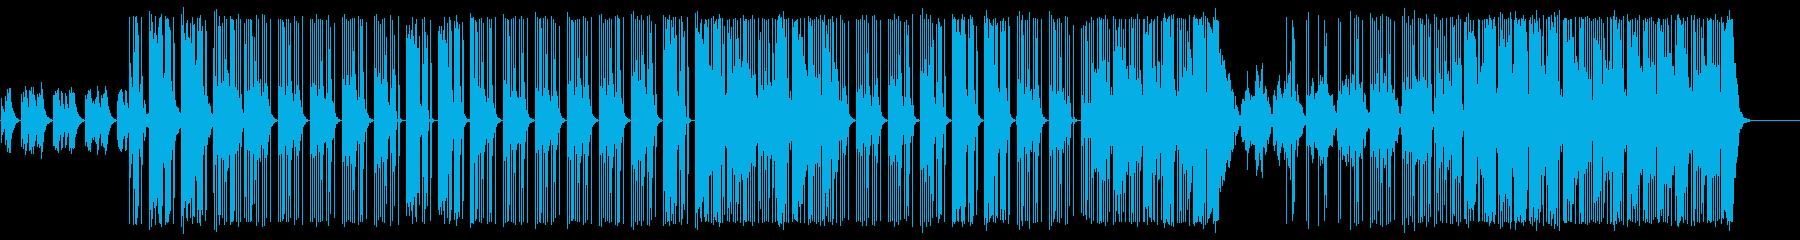 リードシンセ・メロHip-HopBeatの再生済みの波形